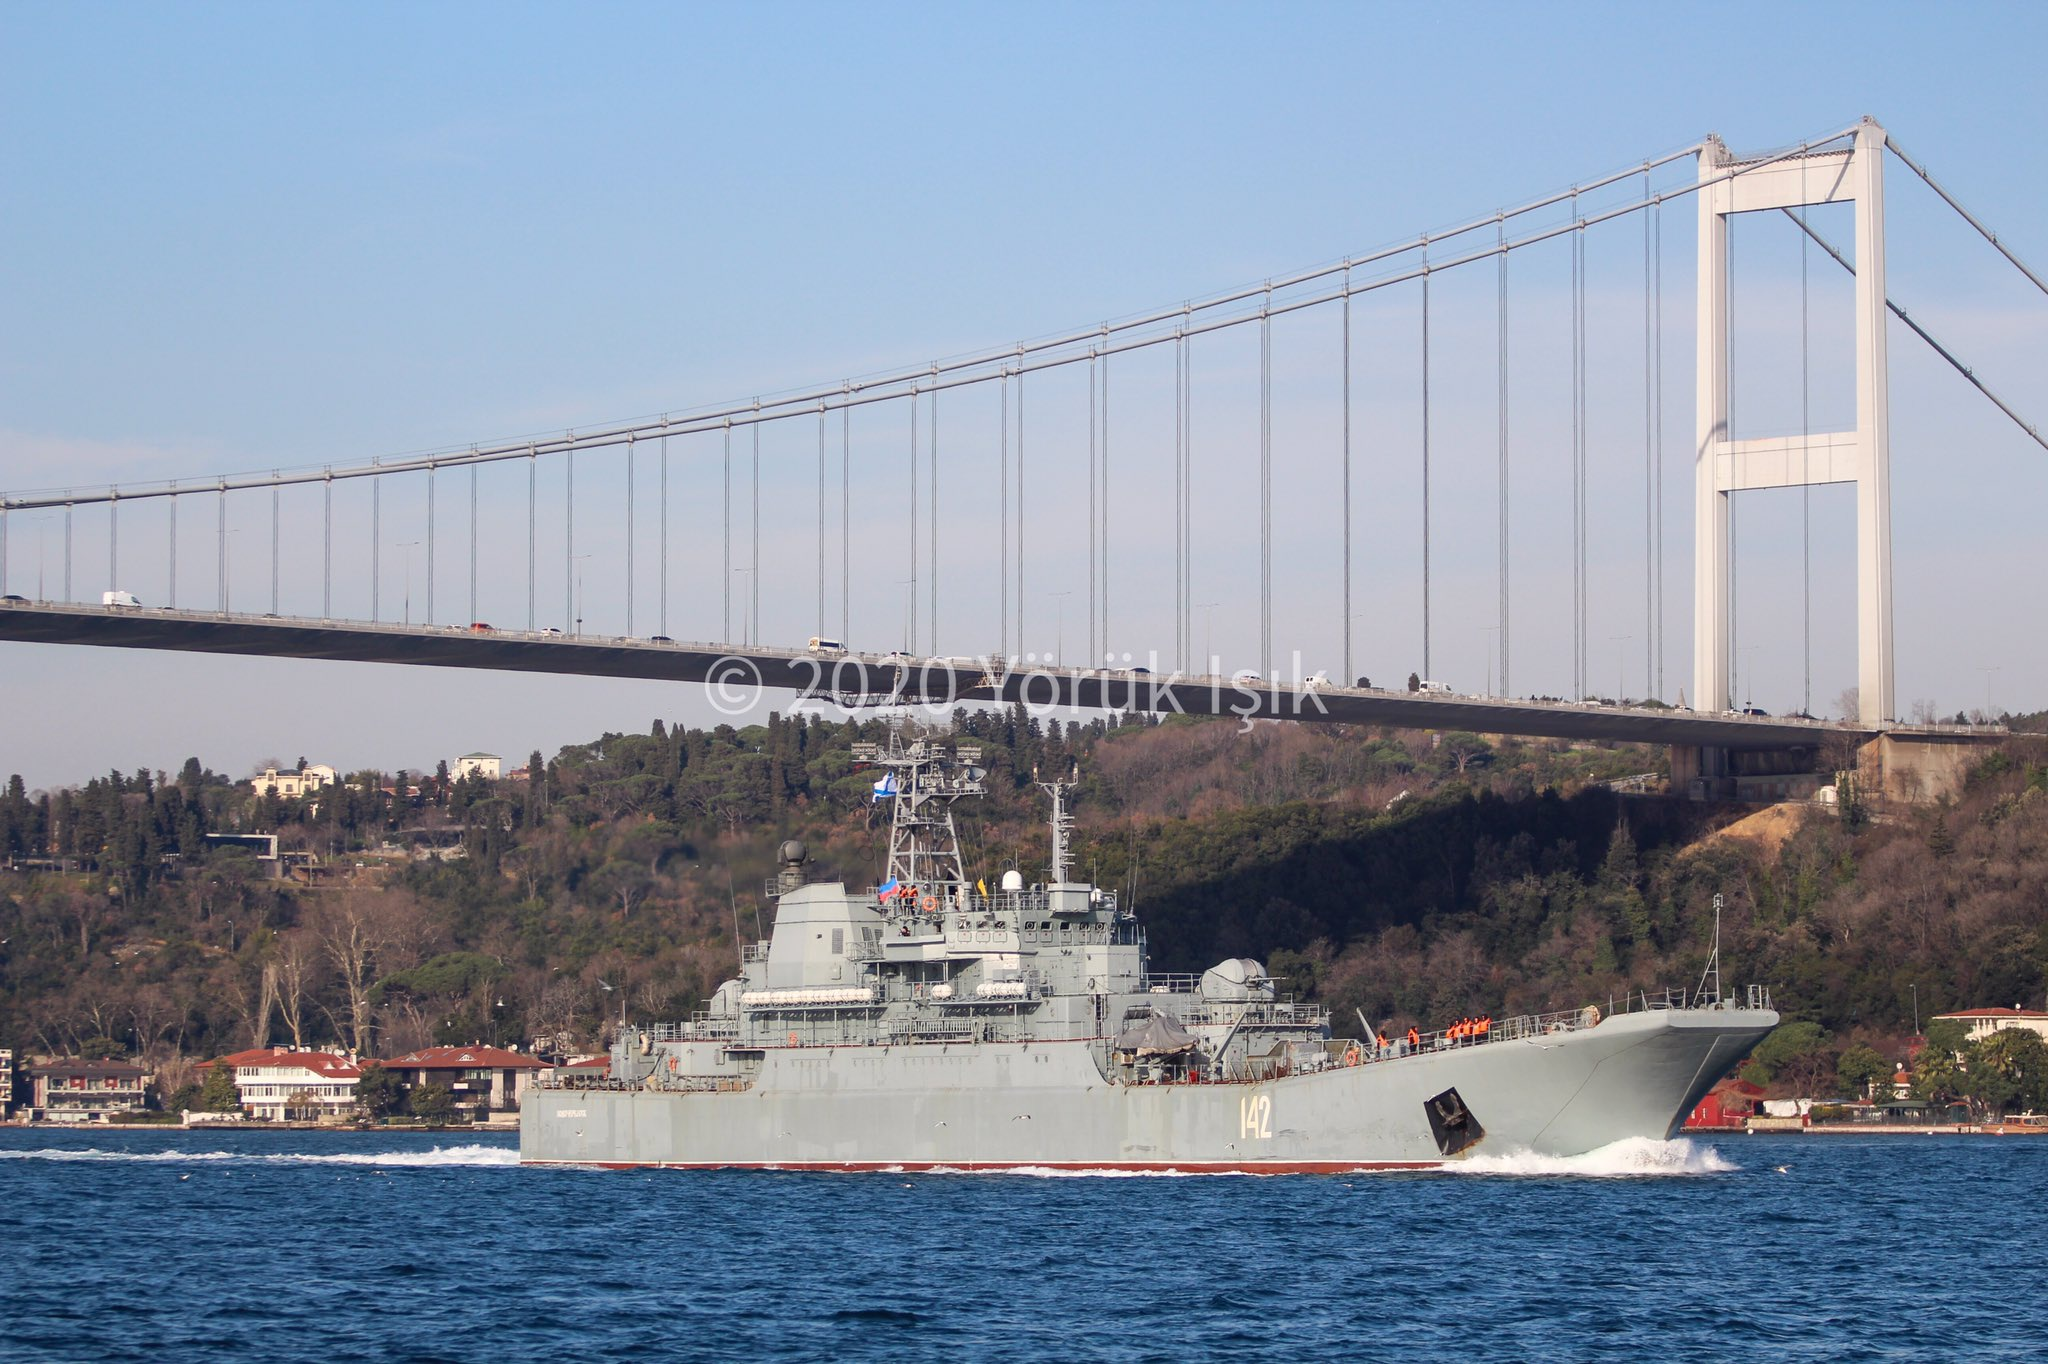 增援已到!2艘登陆舰抵达叙利亚 得大量坦克补充